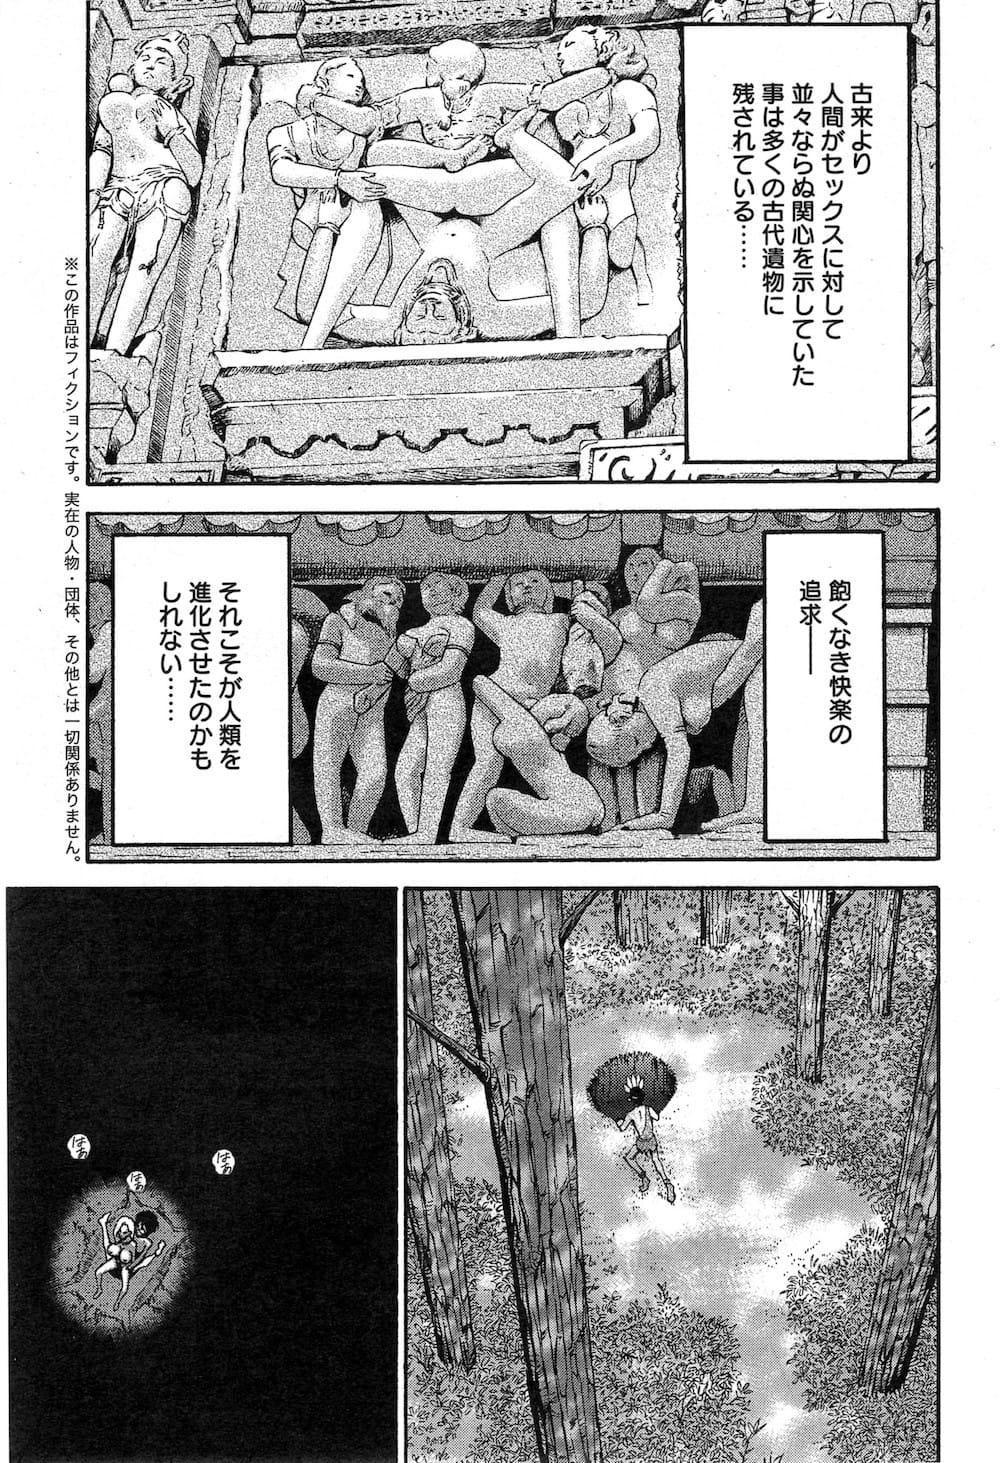 【長編エロ漫画・第13話】飽くなき快楽の追求が人類を進化させた!オタのSEXを観察した原始人が地球上初めての生板本番ショー!現代SEXが伝播する!【ながしま超助】